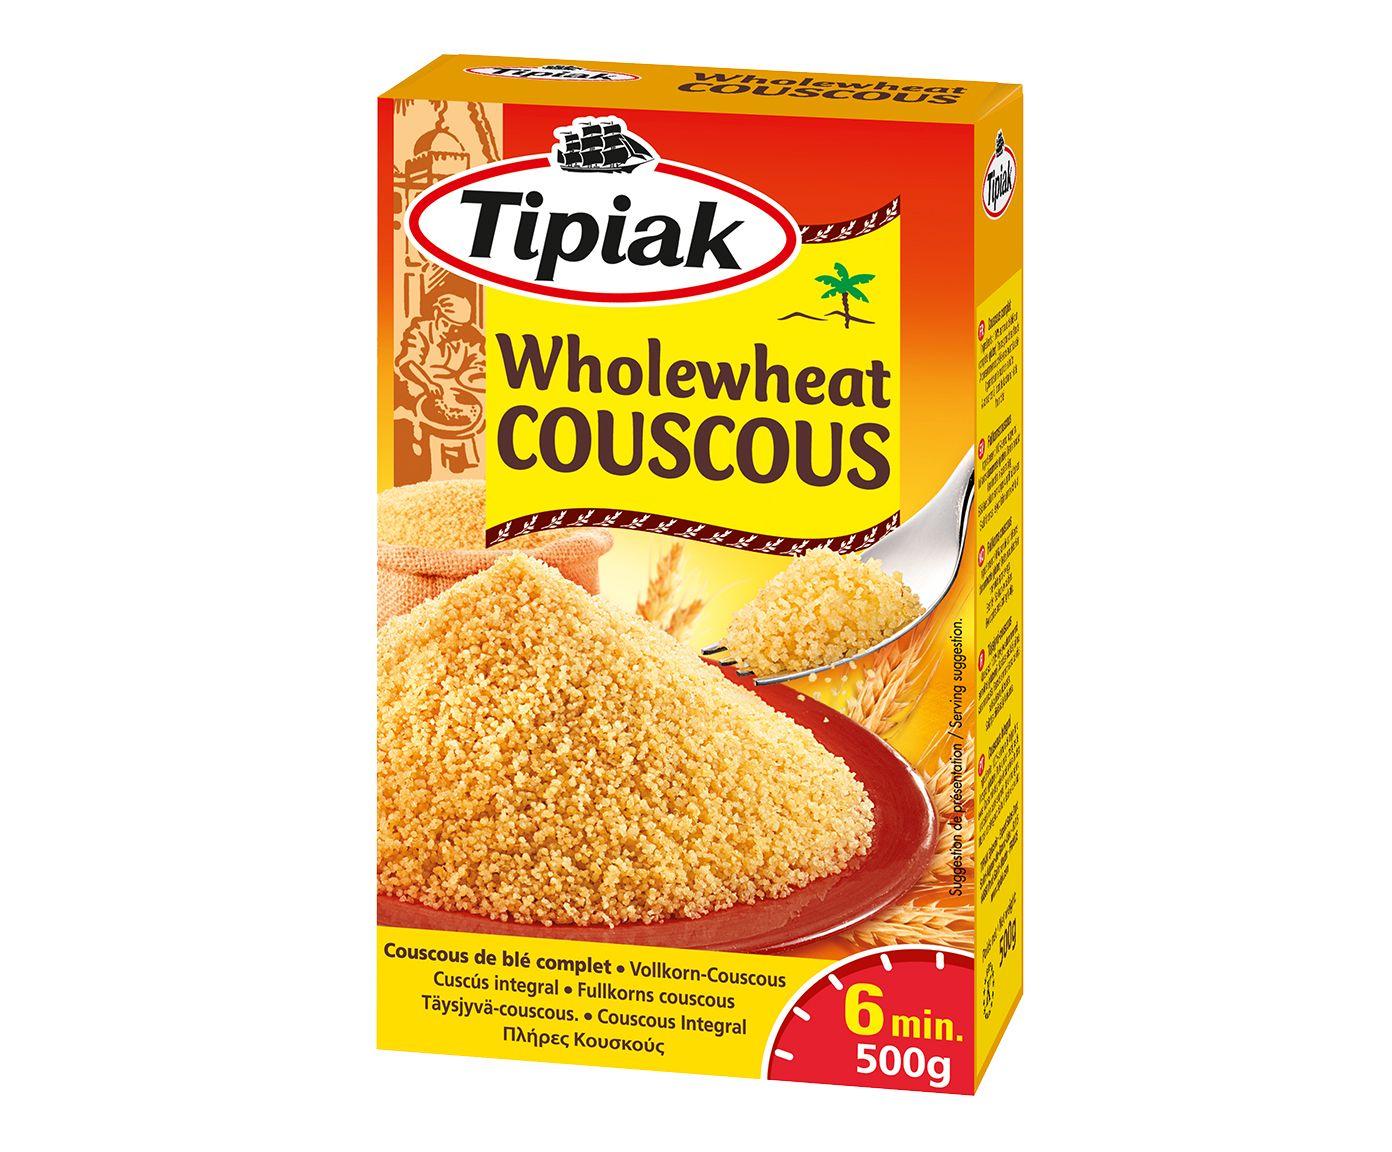 Couscous Francês Tipiak Wholewheat - 500G | Westwing.com.br